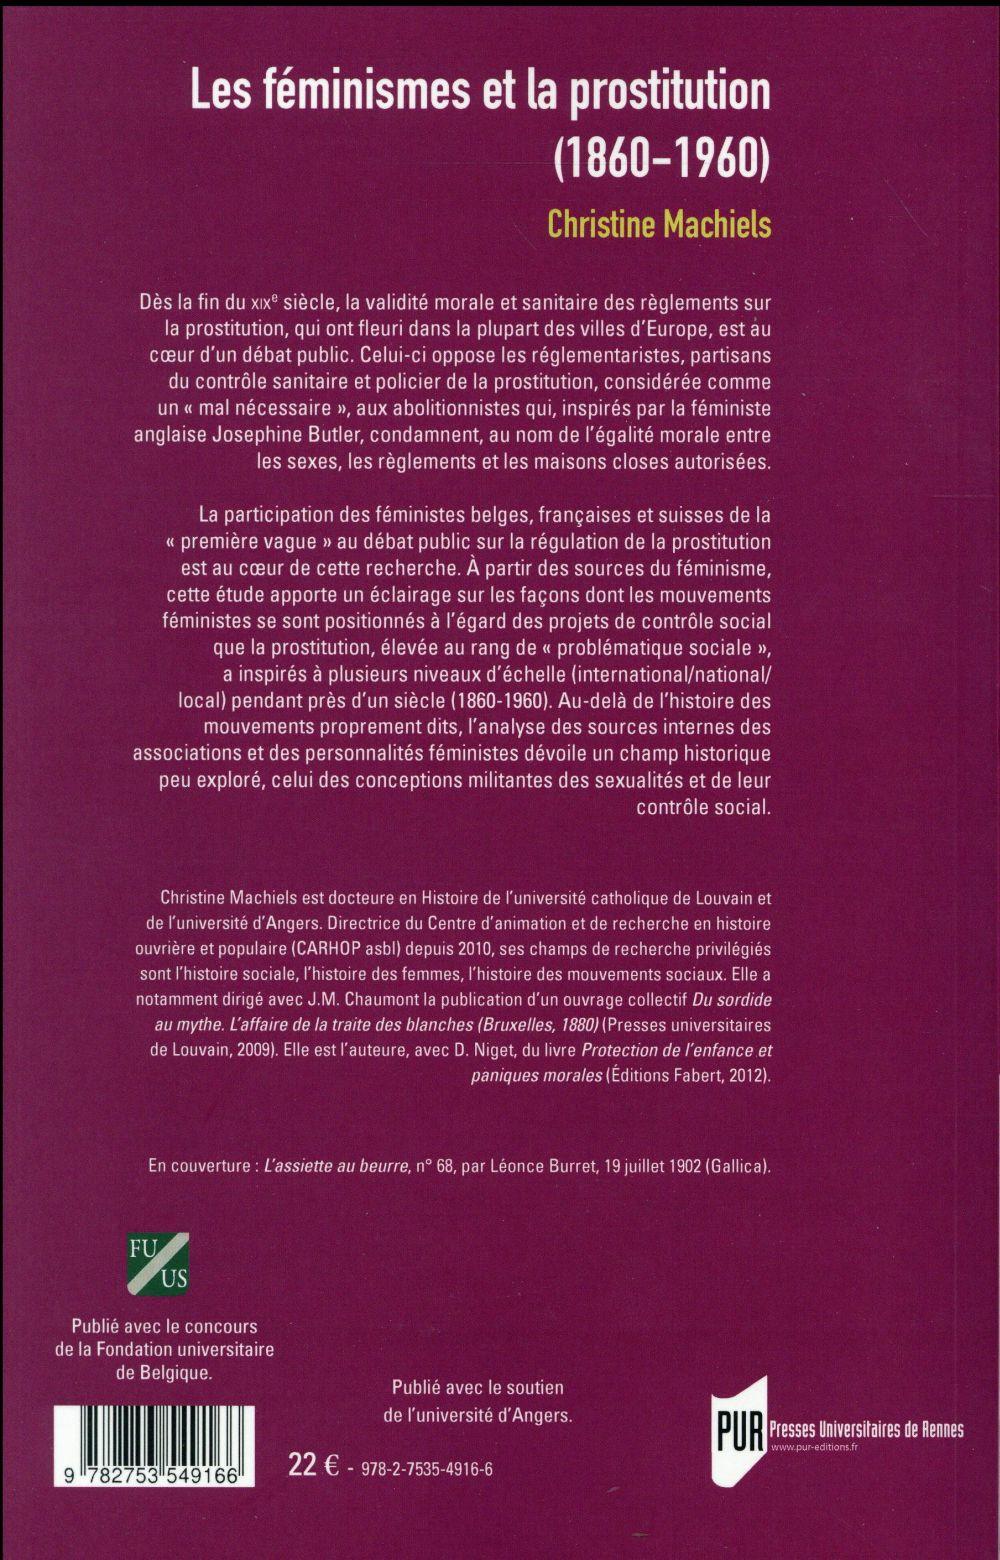 les féminismes et la prostitution (1860-1960)